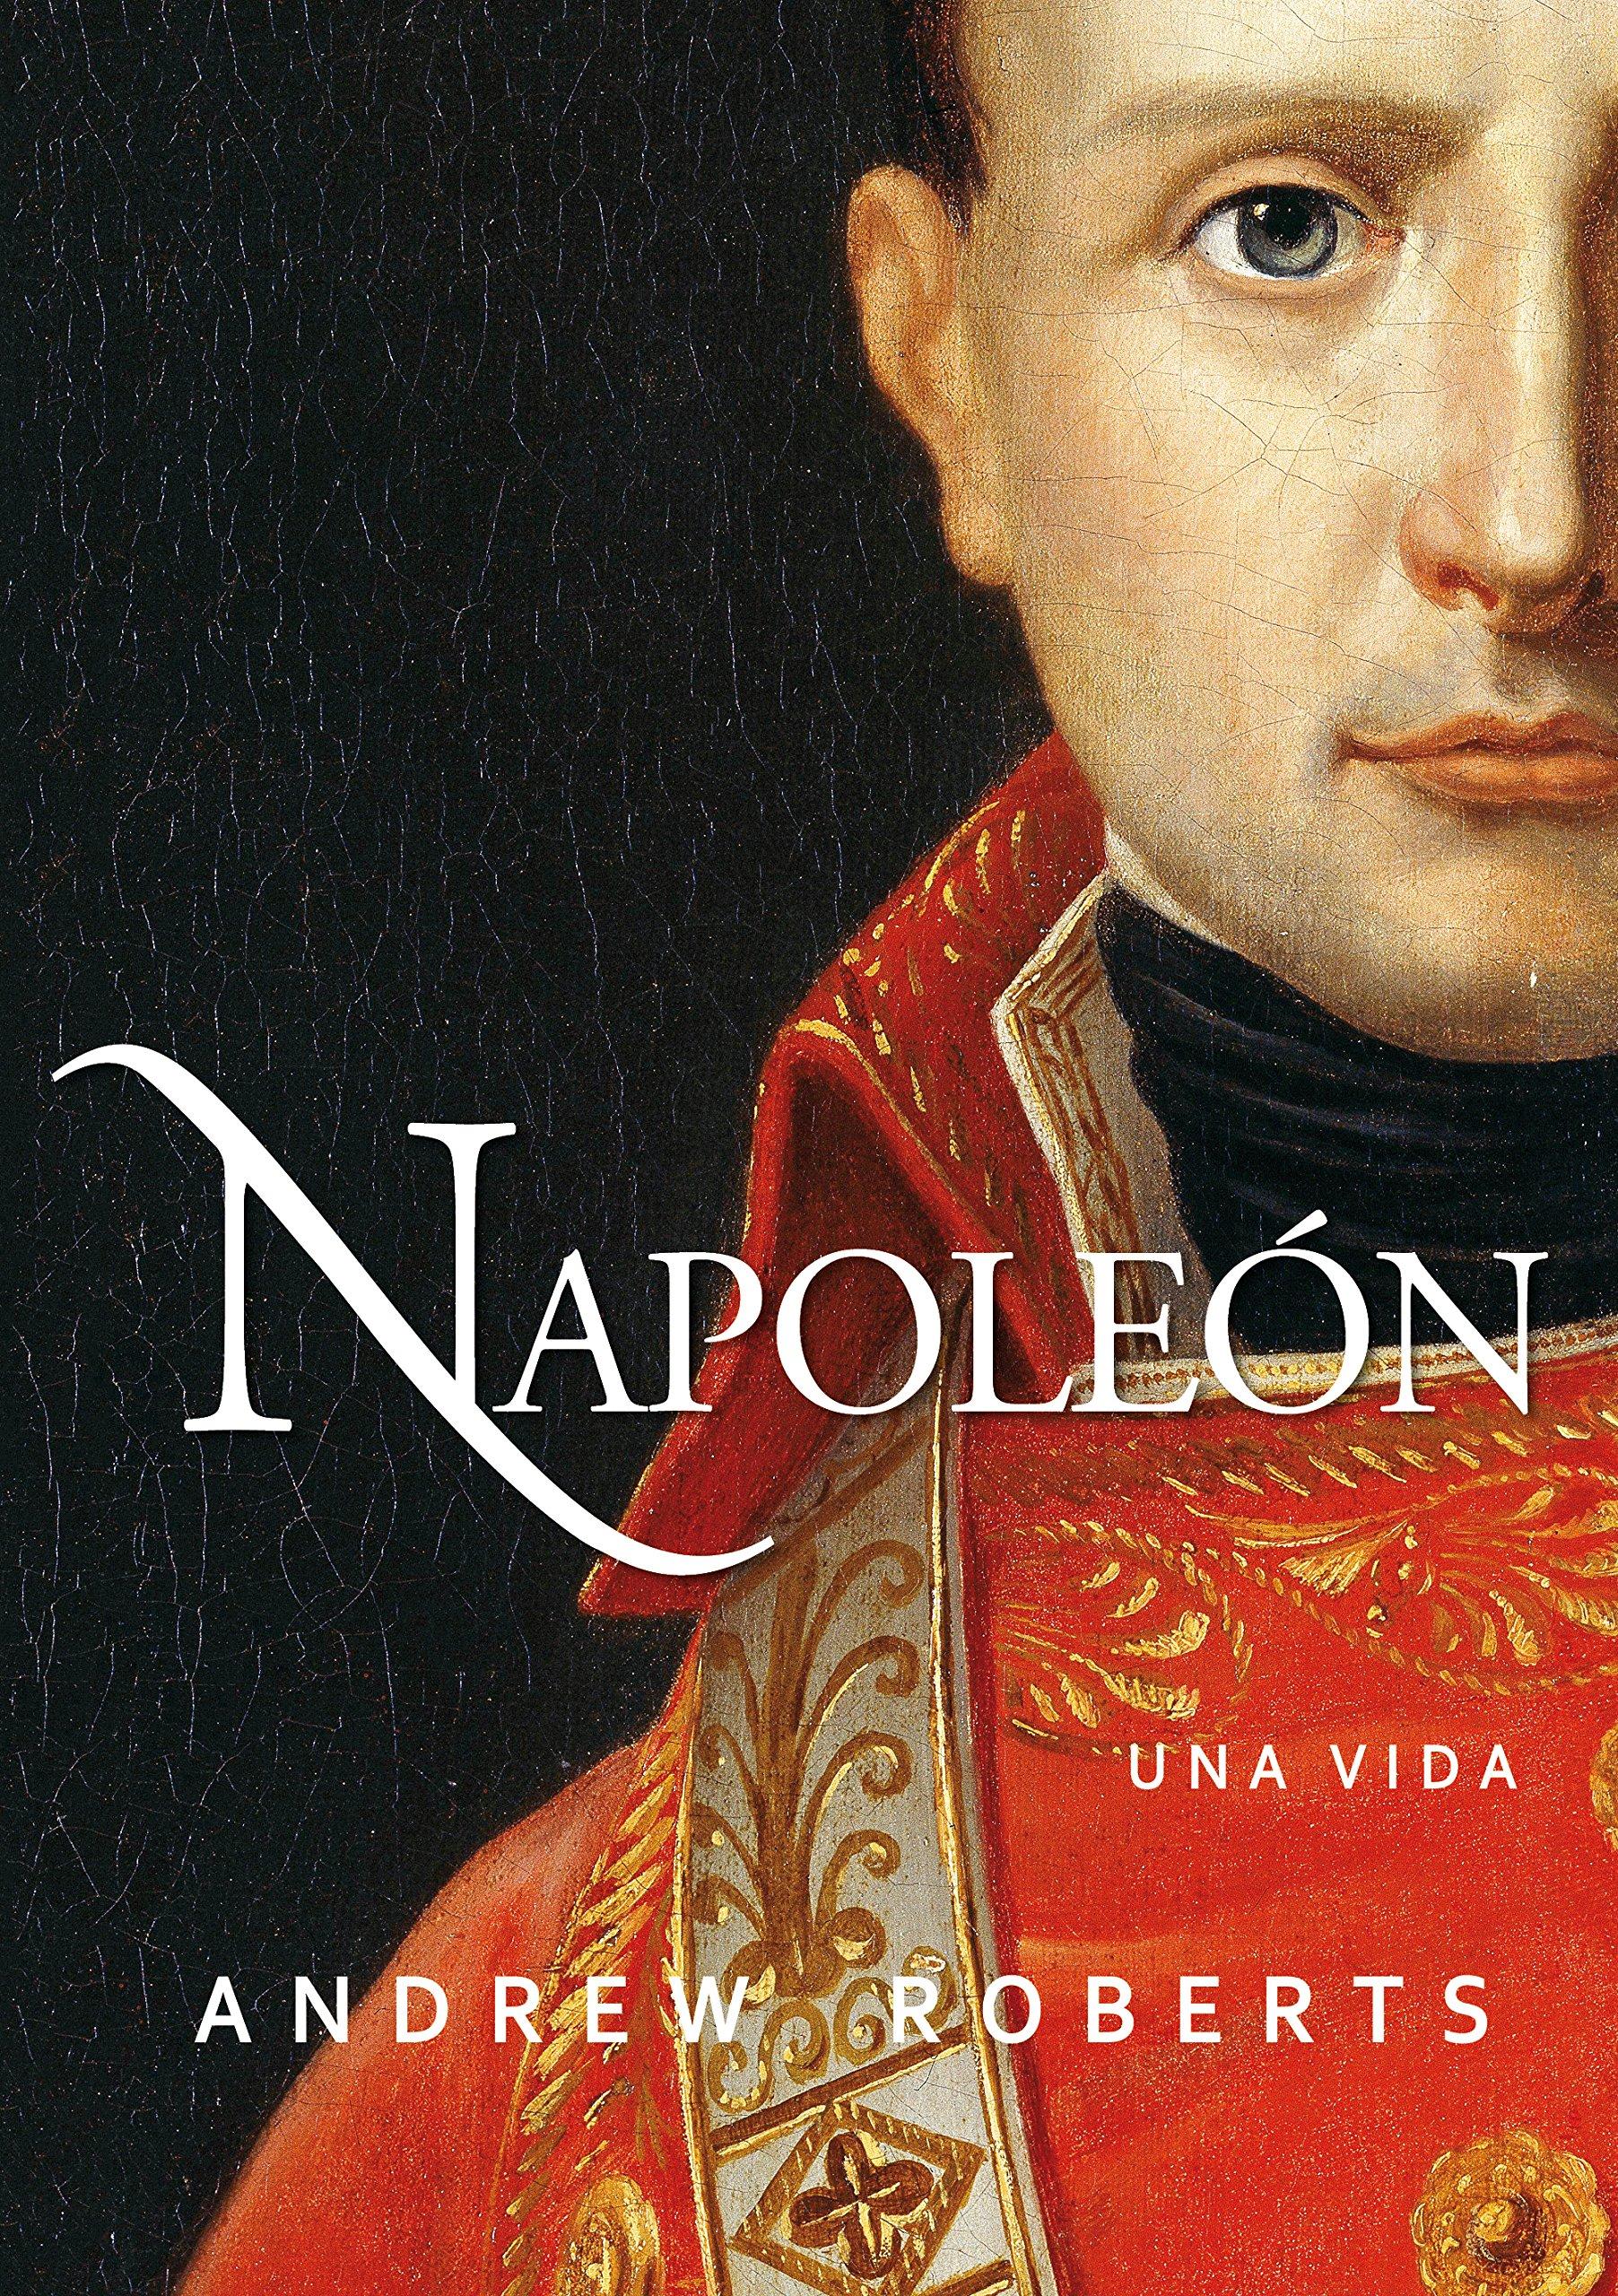 Napoleon (Ayer y hoy de la Historia): Amazon.es: Roberts, Andrew, Ostos García, Raúl, Larrad, Antonio, Pereda Sancho, Diego: Libros